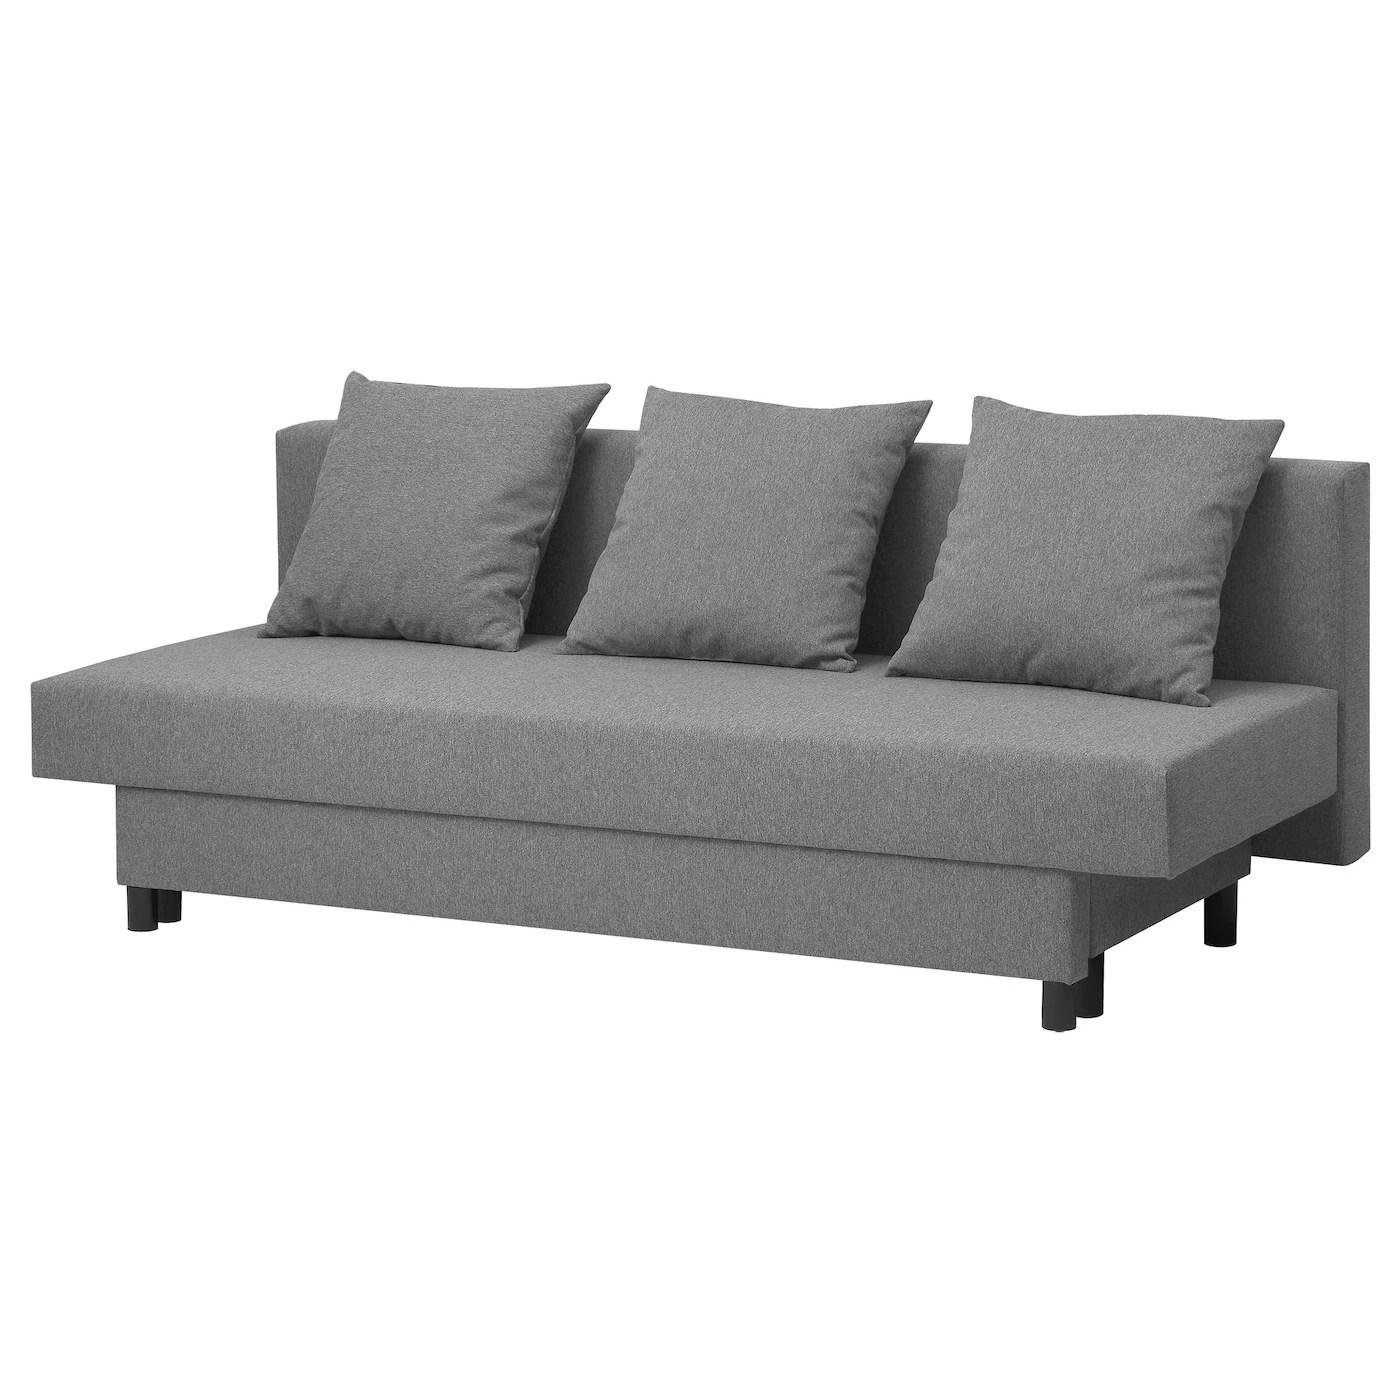 tiendas sofas cama baratos madrid costco leather reclining sofa in store de calidad compra online ikea asarum 3 plazas se convierte facilmente en